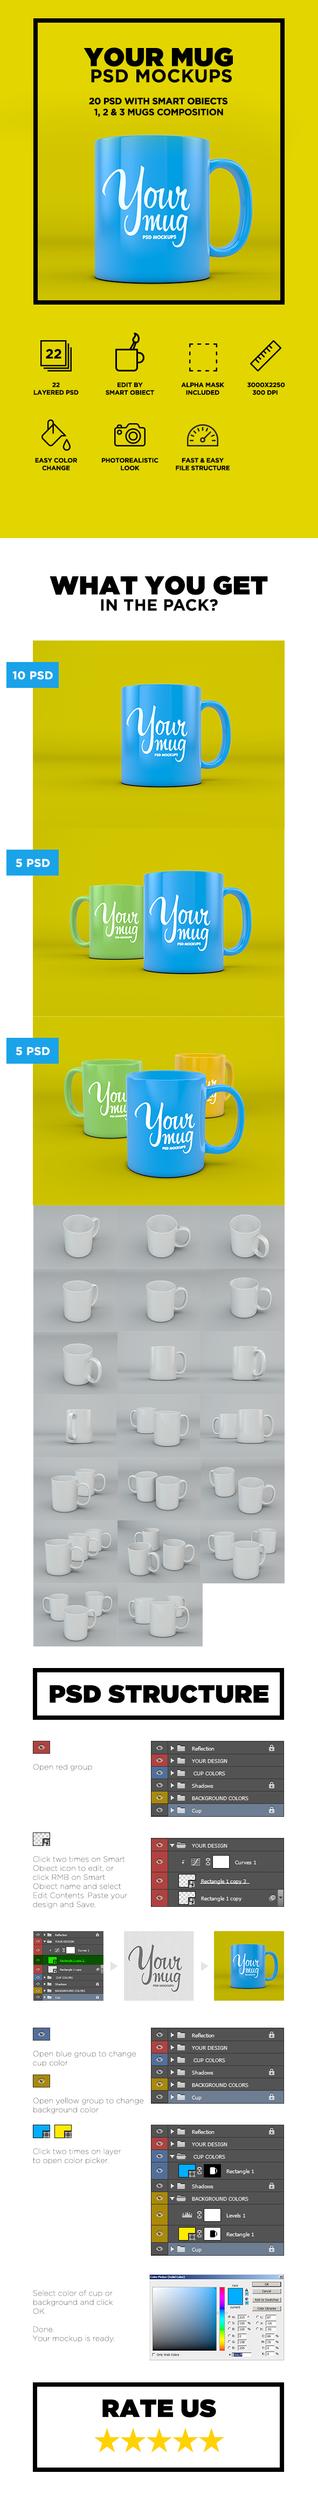 Your Mug - PSD Mockup by coloformia